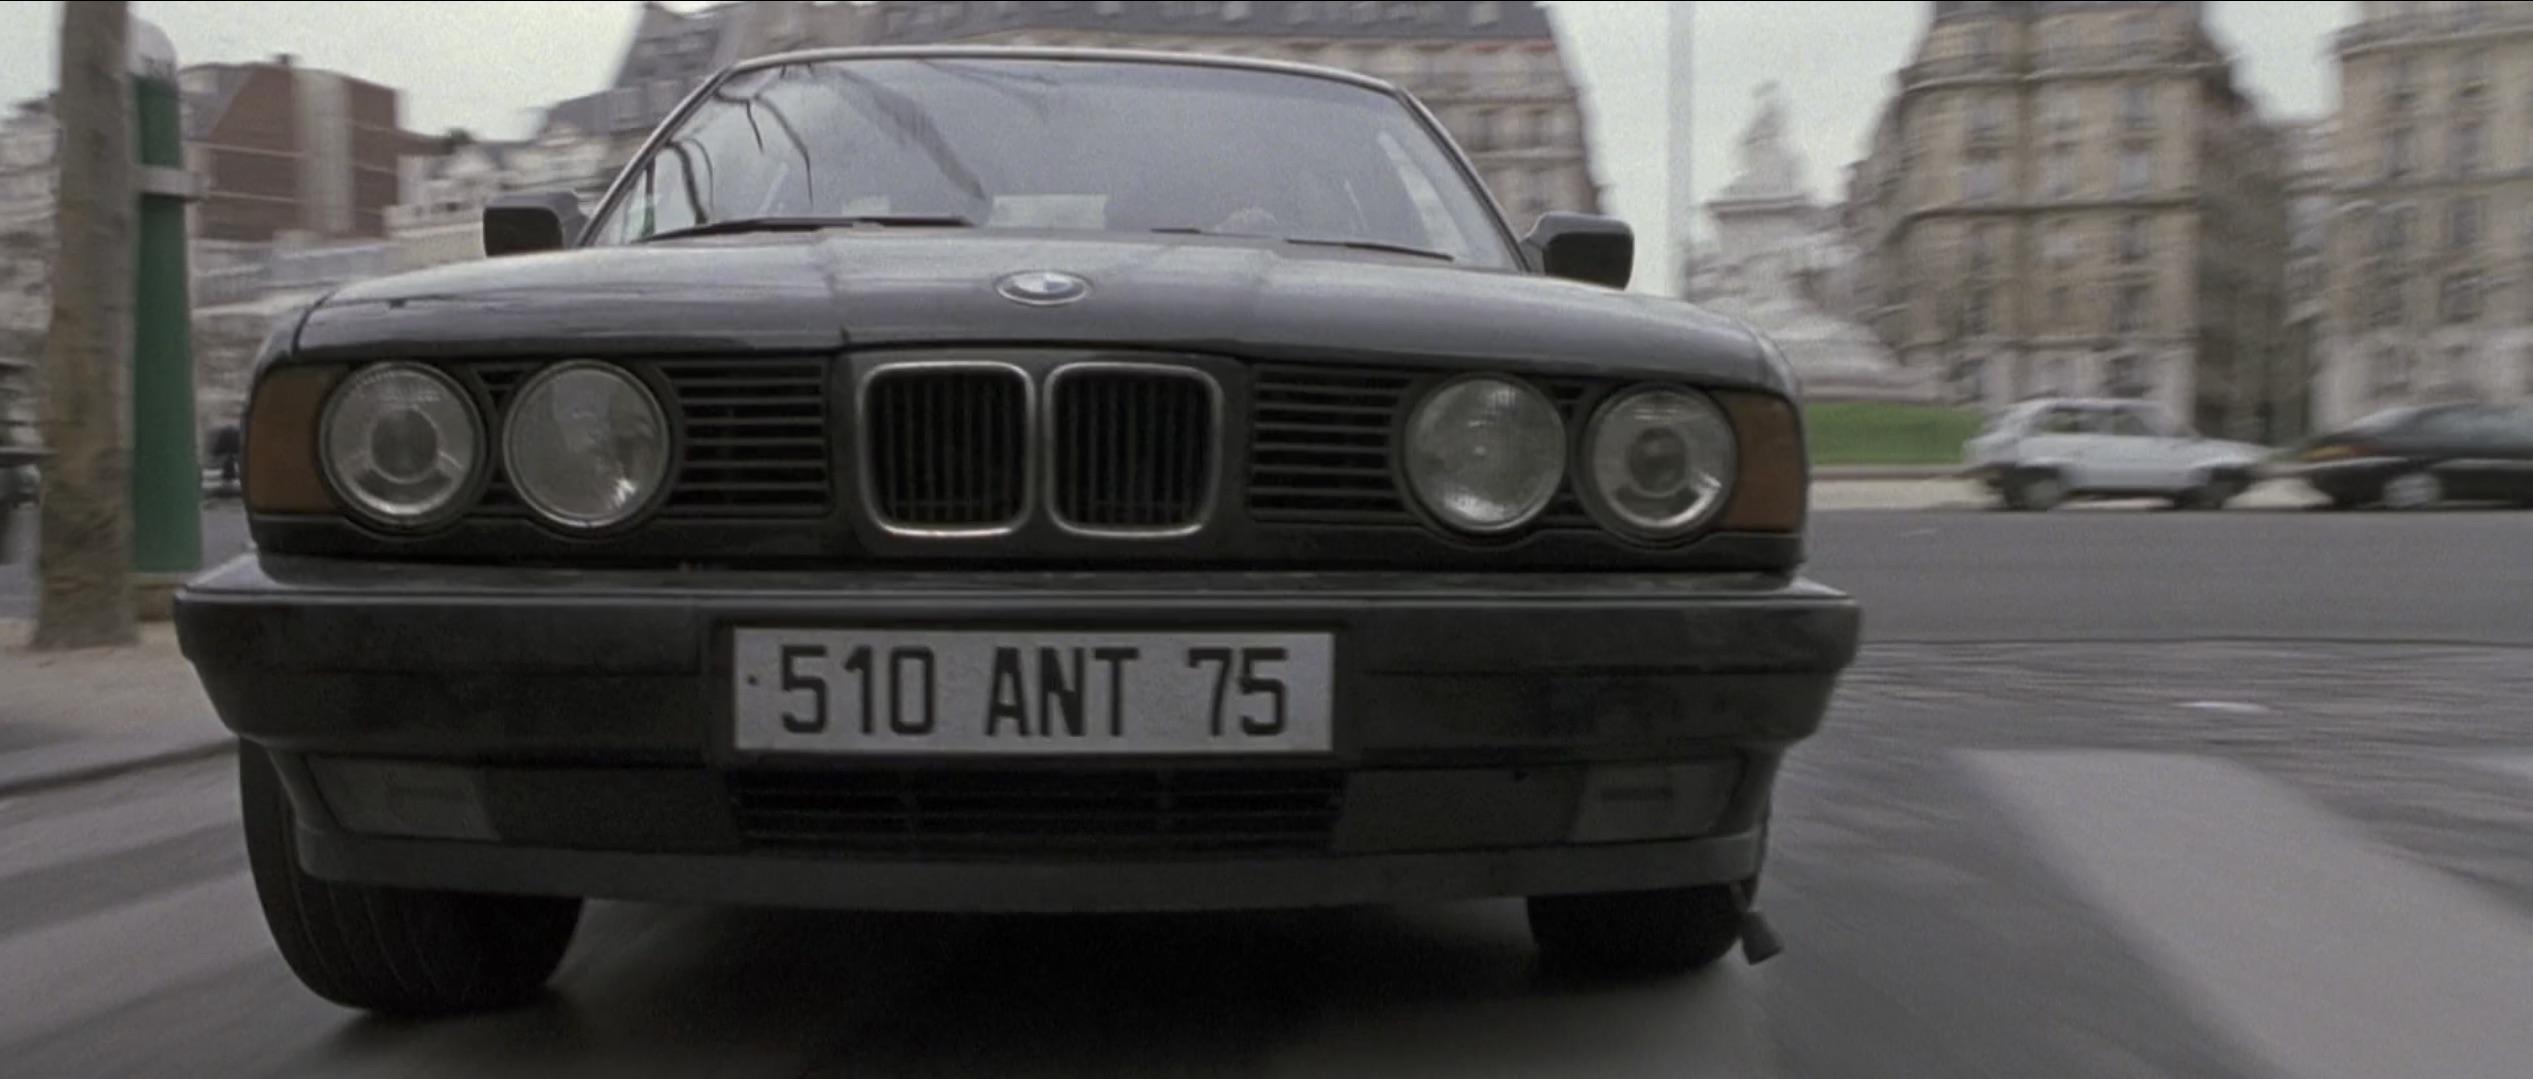 Ronin BMW chase